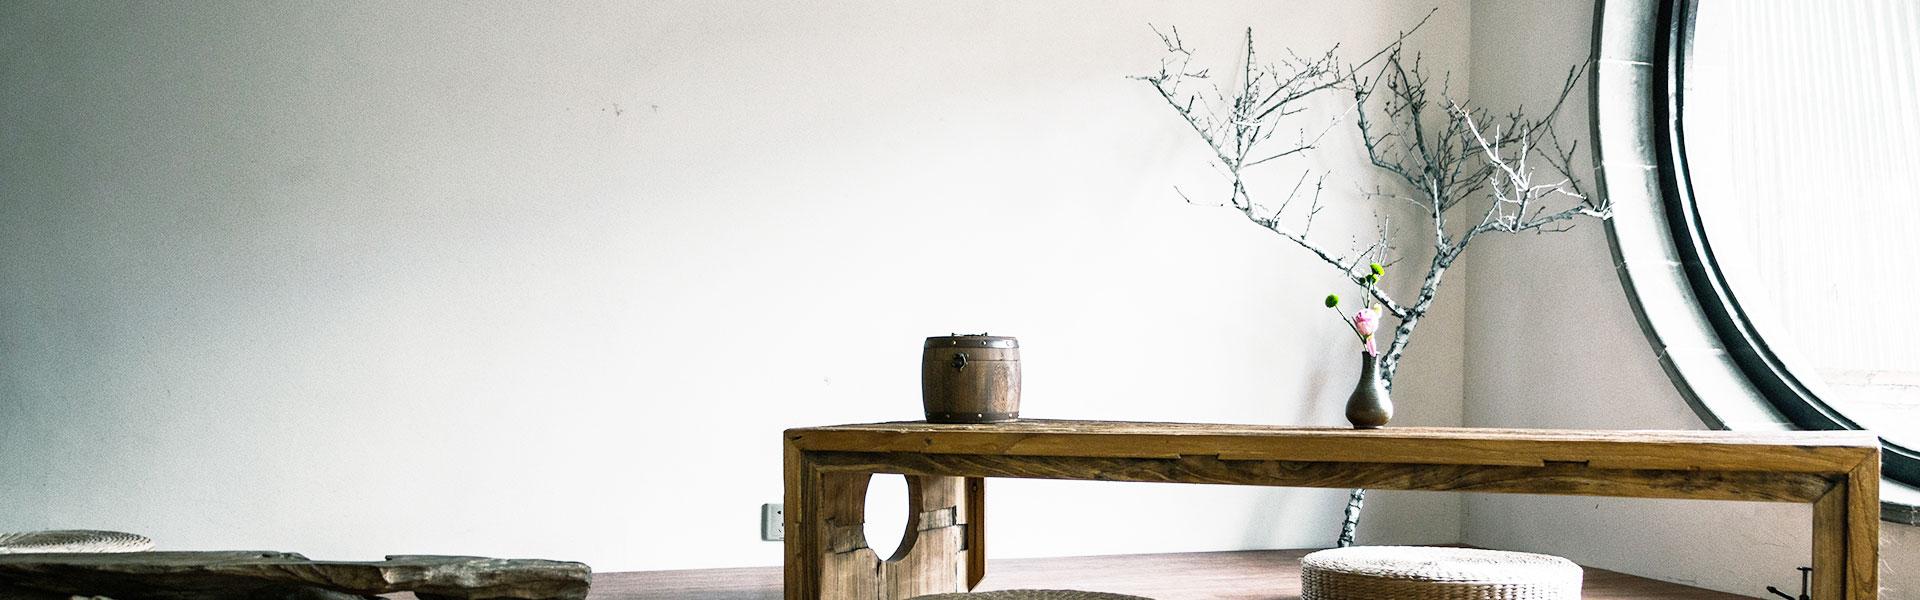 apple-as-wood-lover